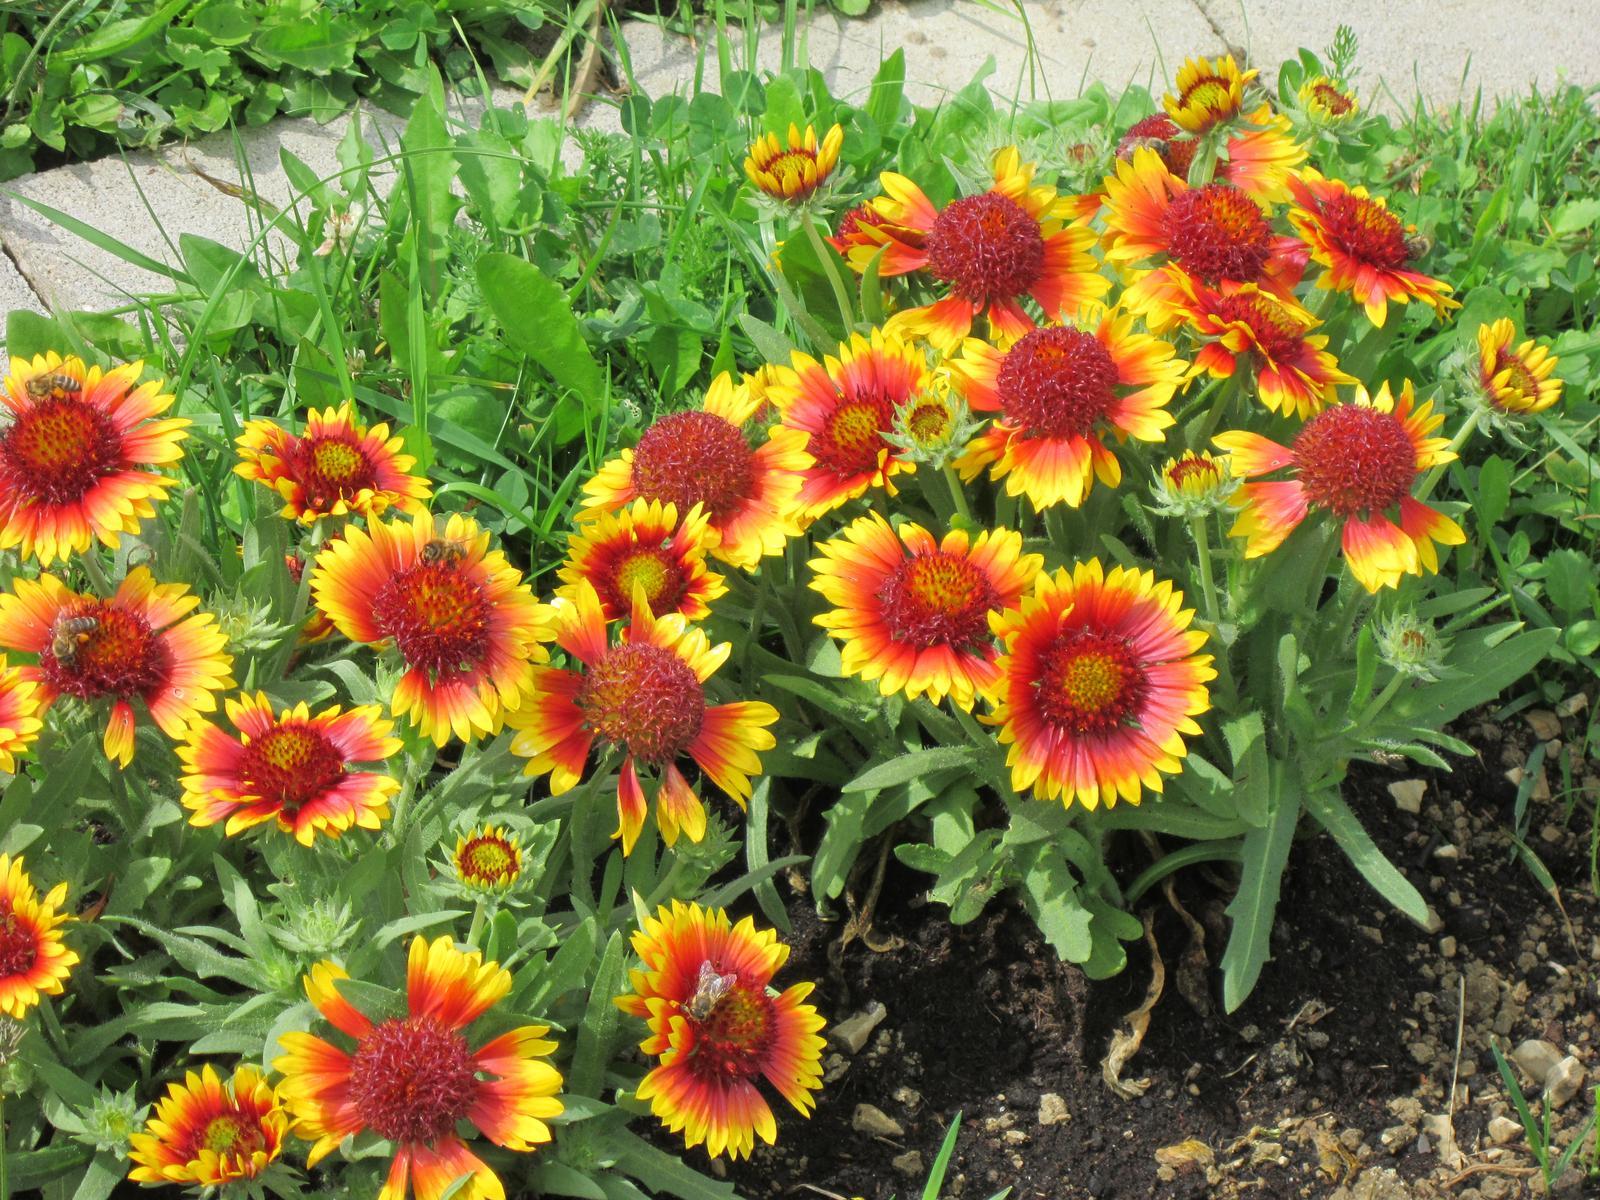 Moja záhrada...ako šiel čas - Kokardy dokážu spestriť každú záhradu celé leto...